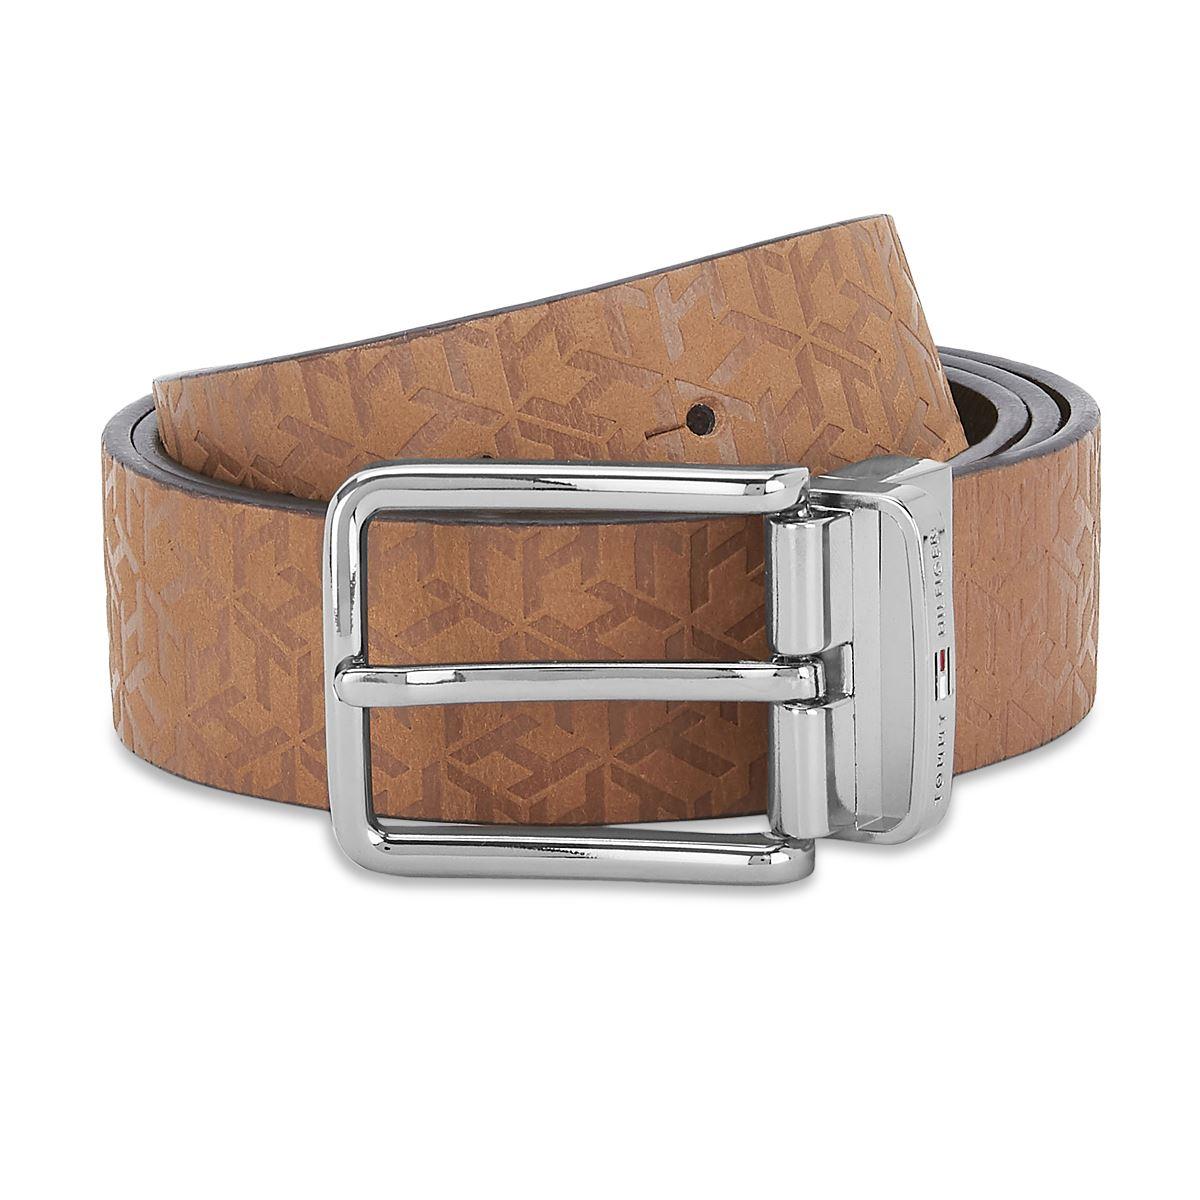 Tommy Hilfiger Leather Mens Solid Tan/Brown Desert Reversible Belt